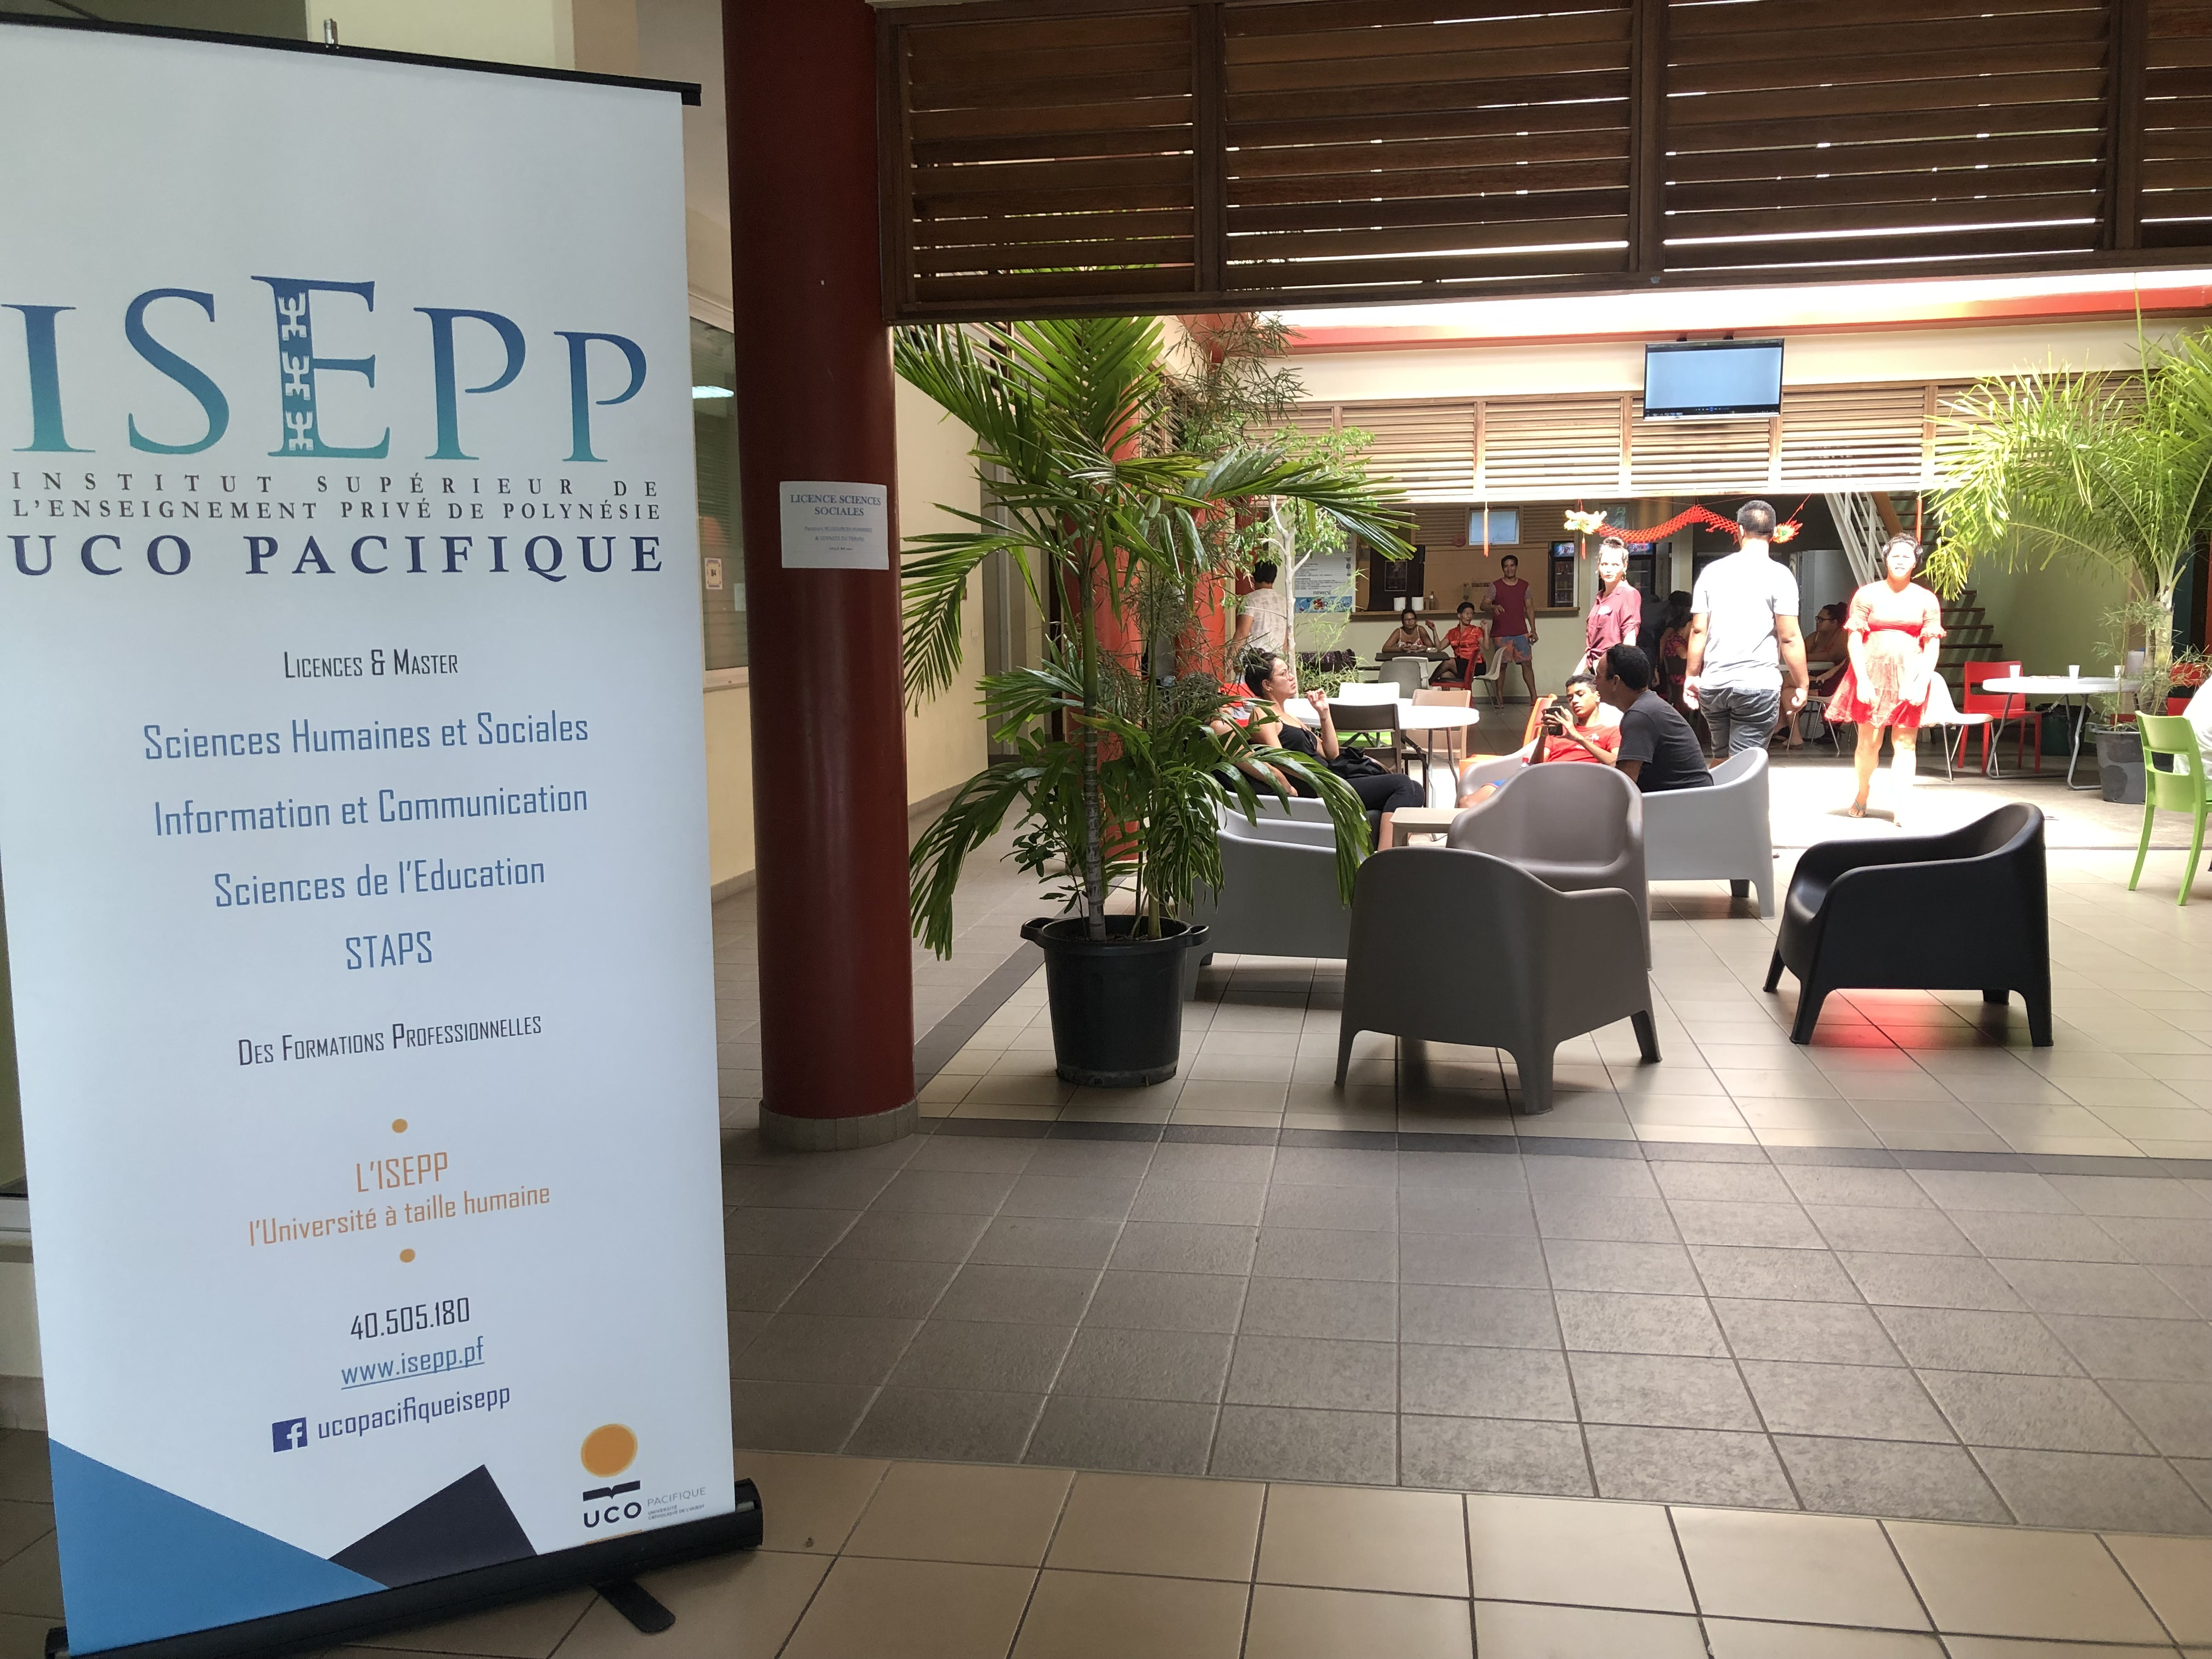 L'ISEPP propose actuellement cinq formations universitaires toutes sanctionnées par des diplômes d'états. Le campus est également intégré à l'Université Catholique de l'Ouest (UCO) situé à Angers